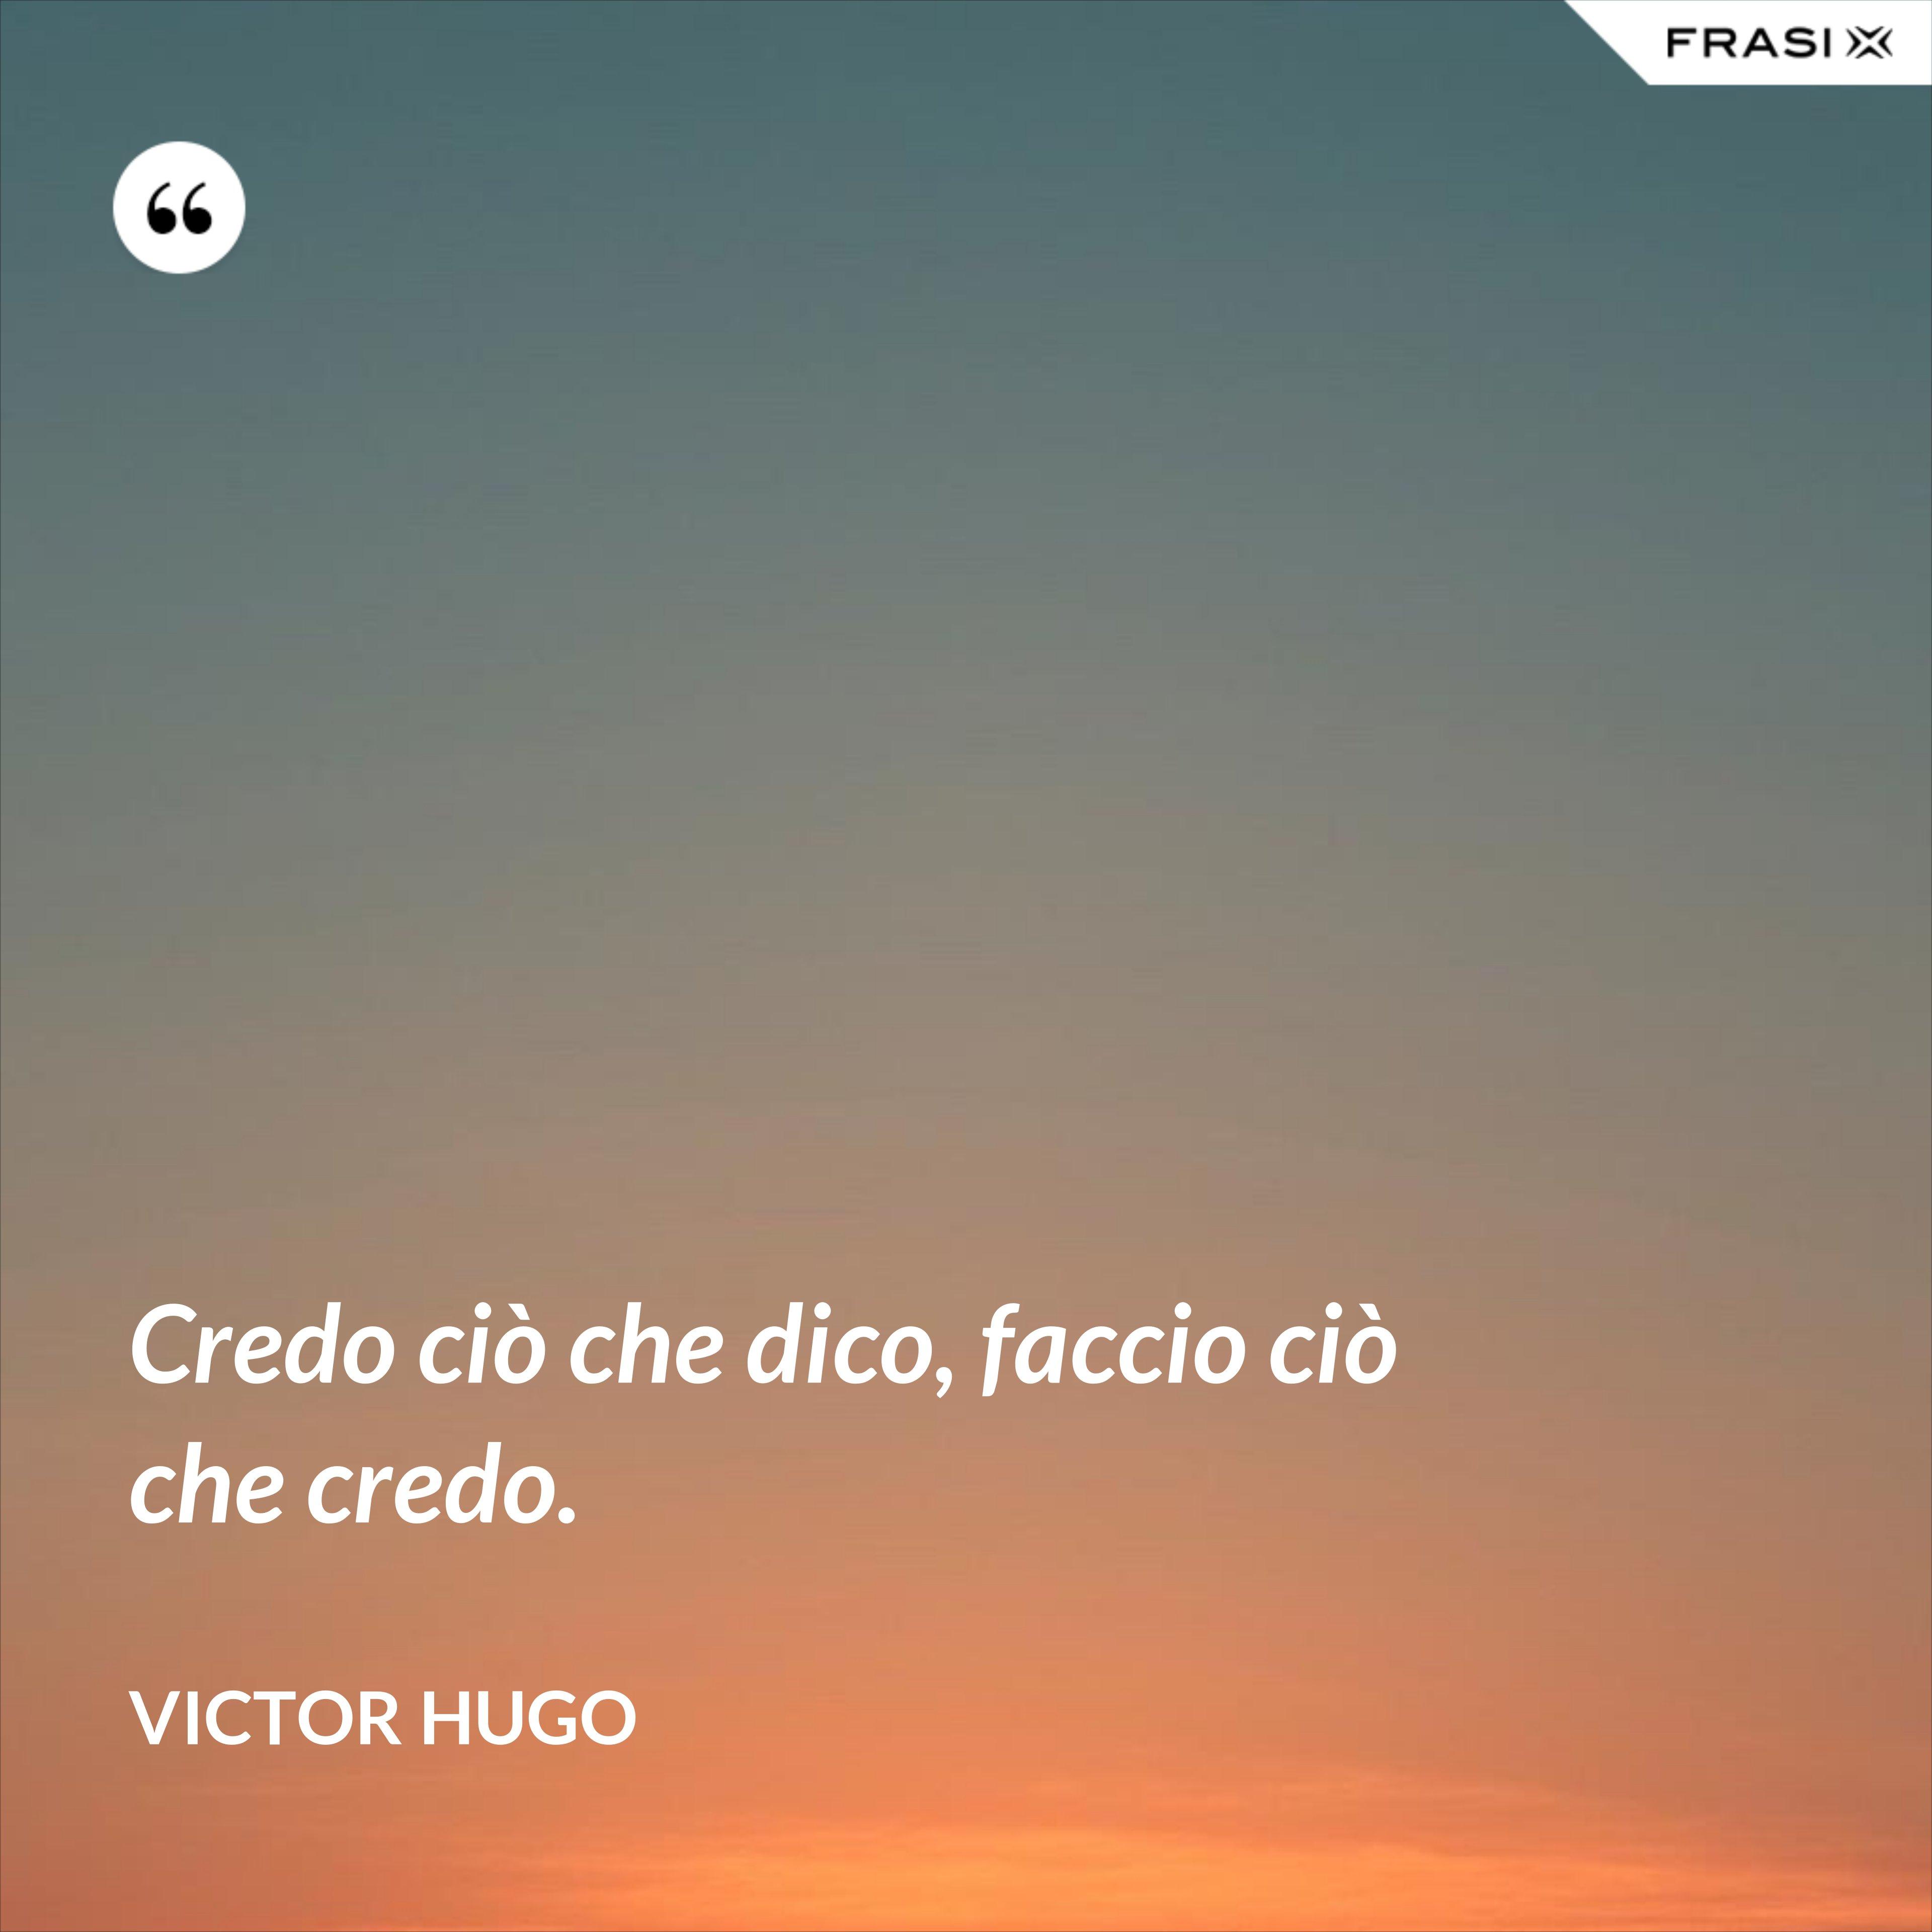 Credo ciò che dico, faccio ciò che credo. - Victor Hugo